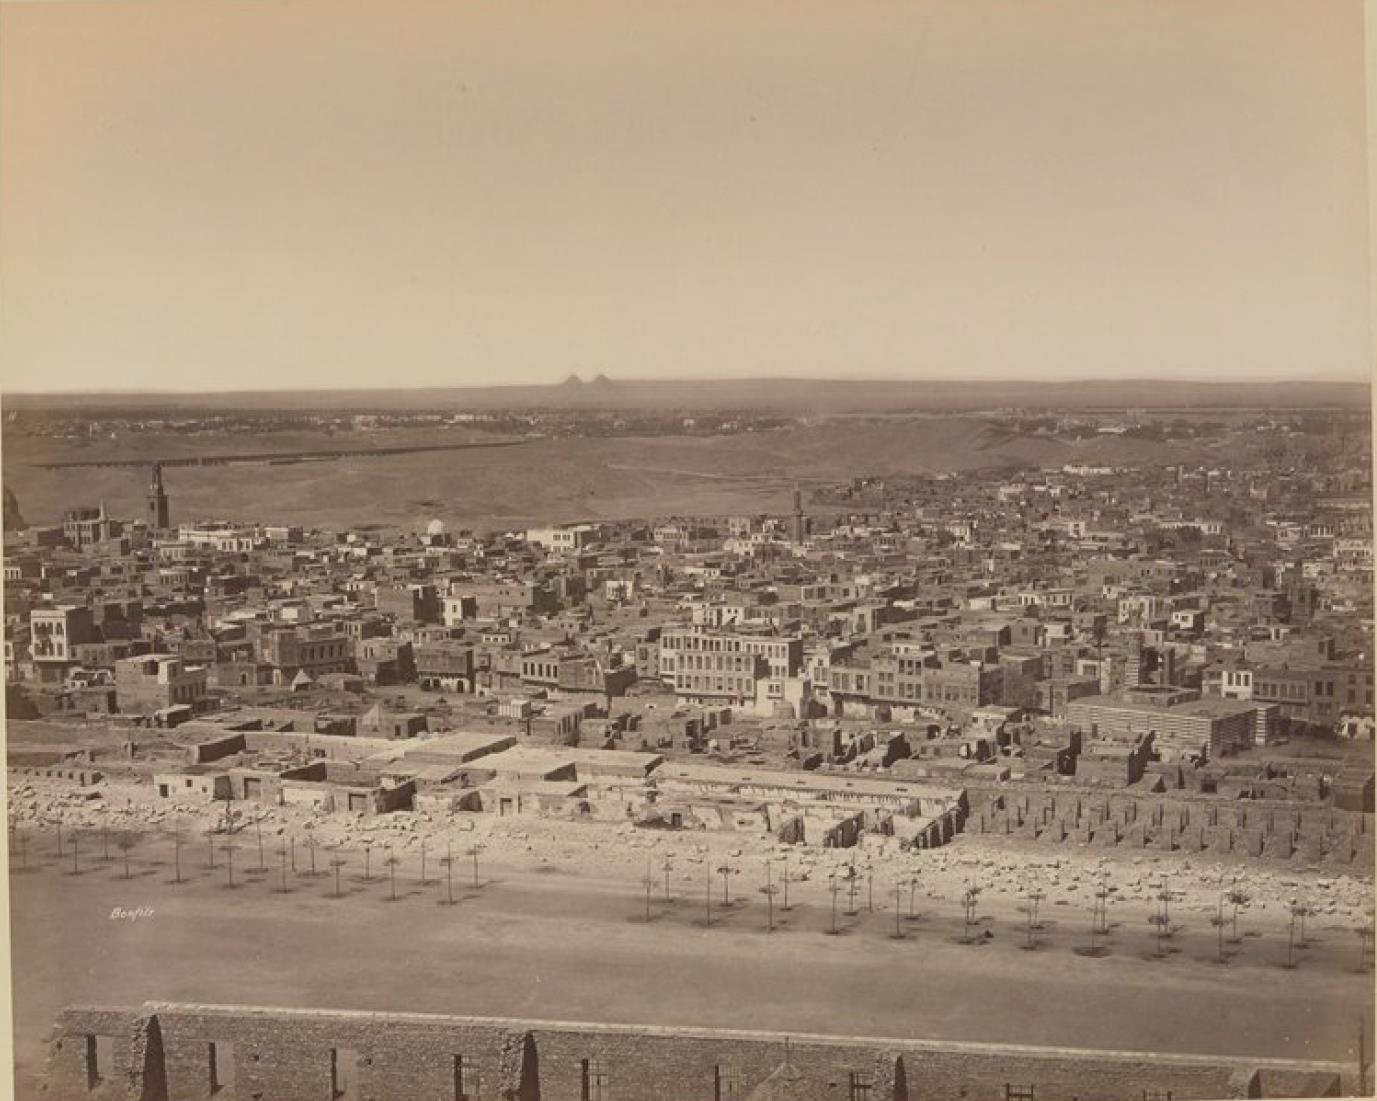 Вид Каира с Пирамидами на горизонте